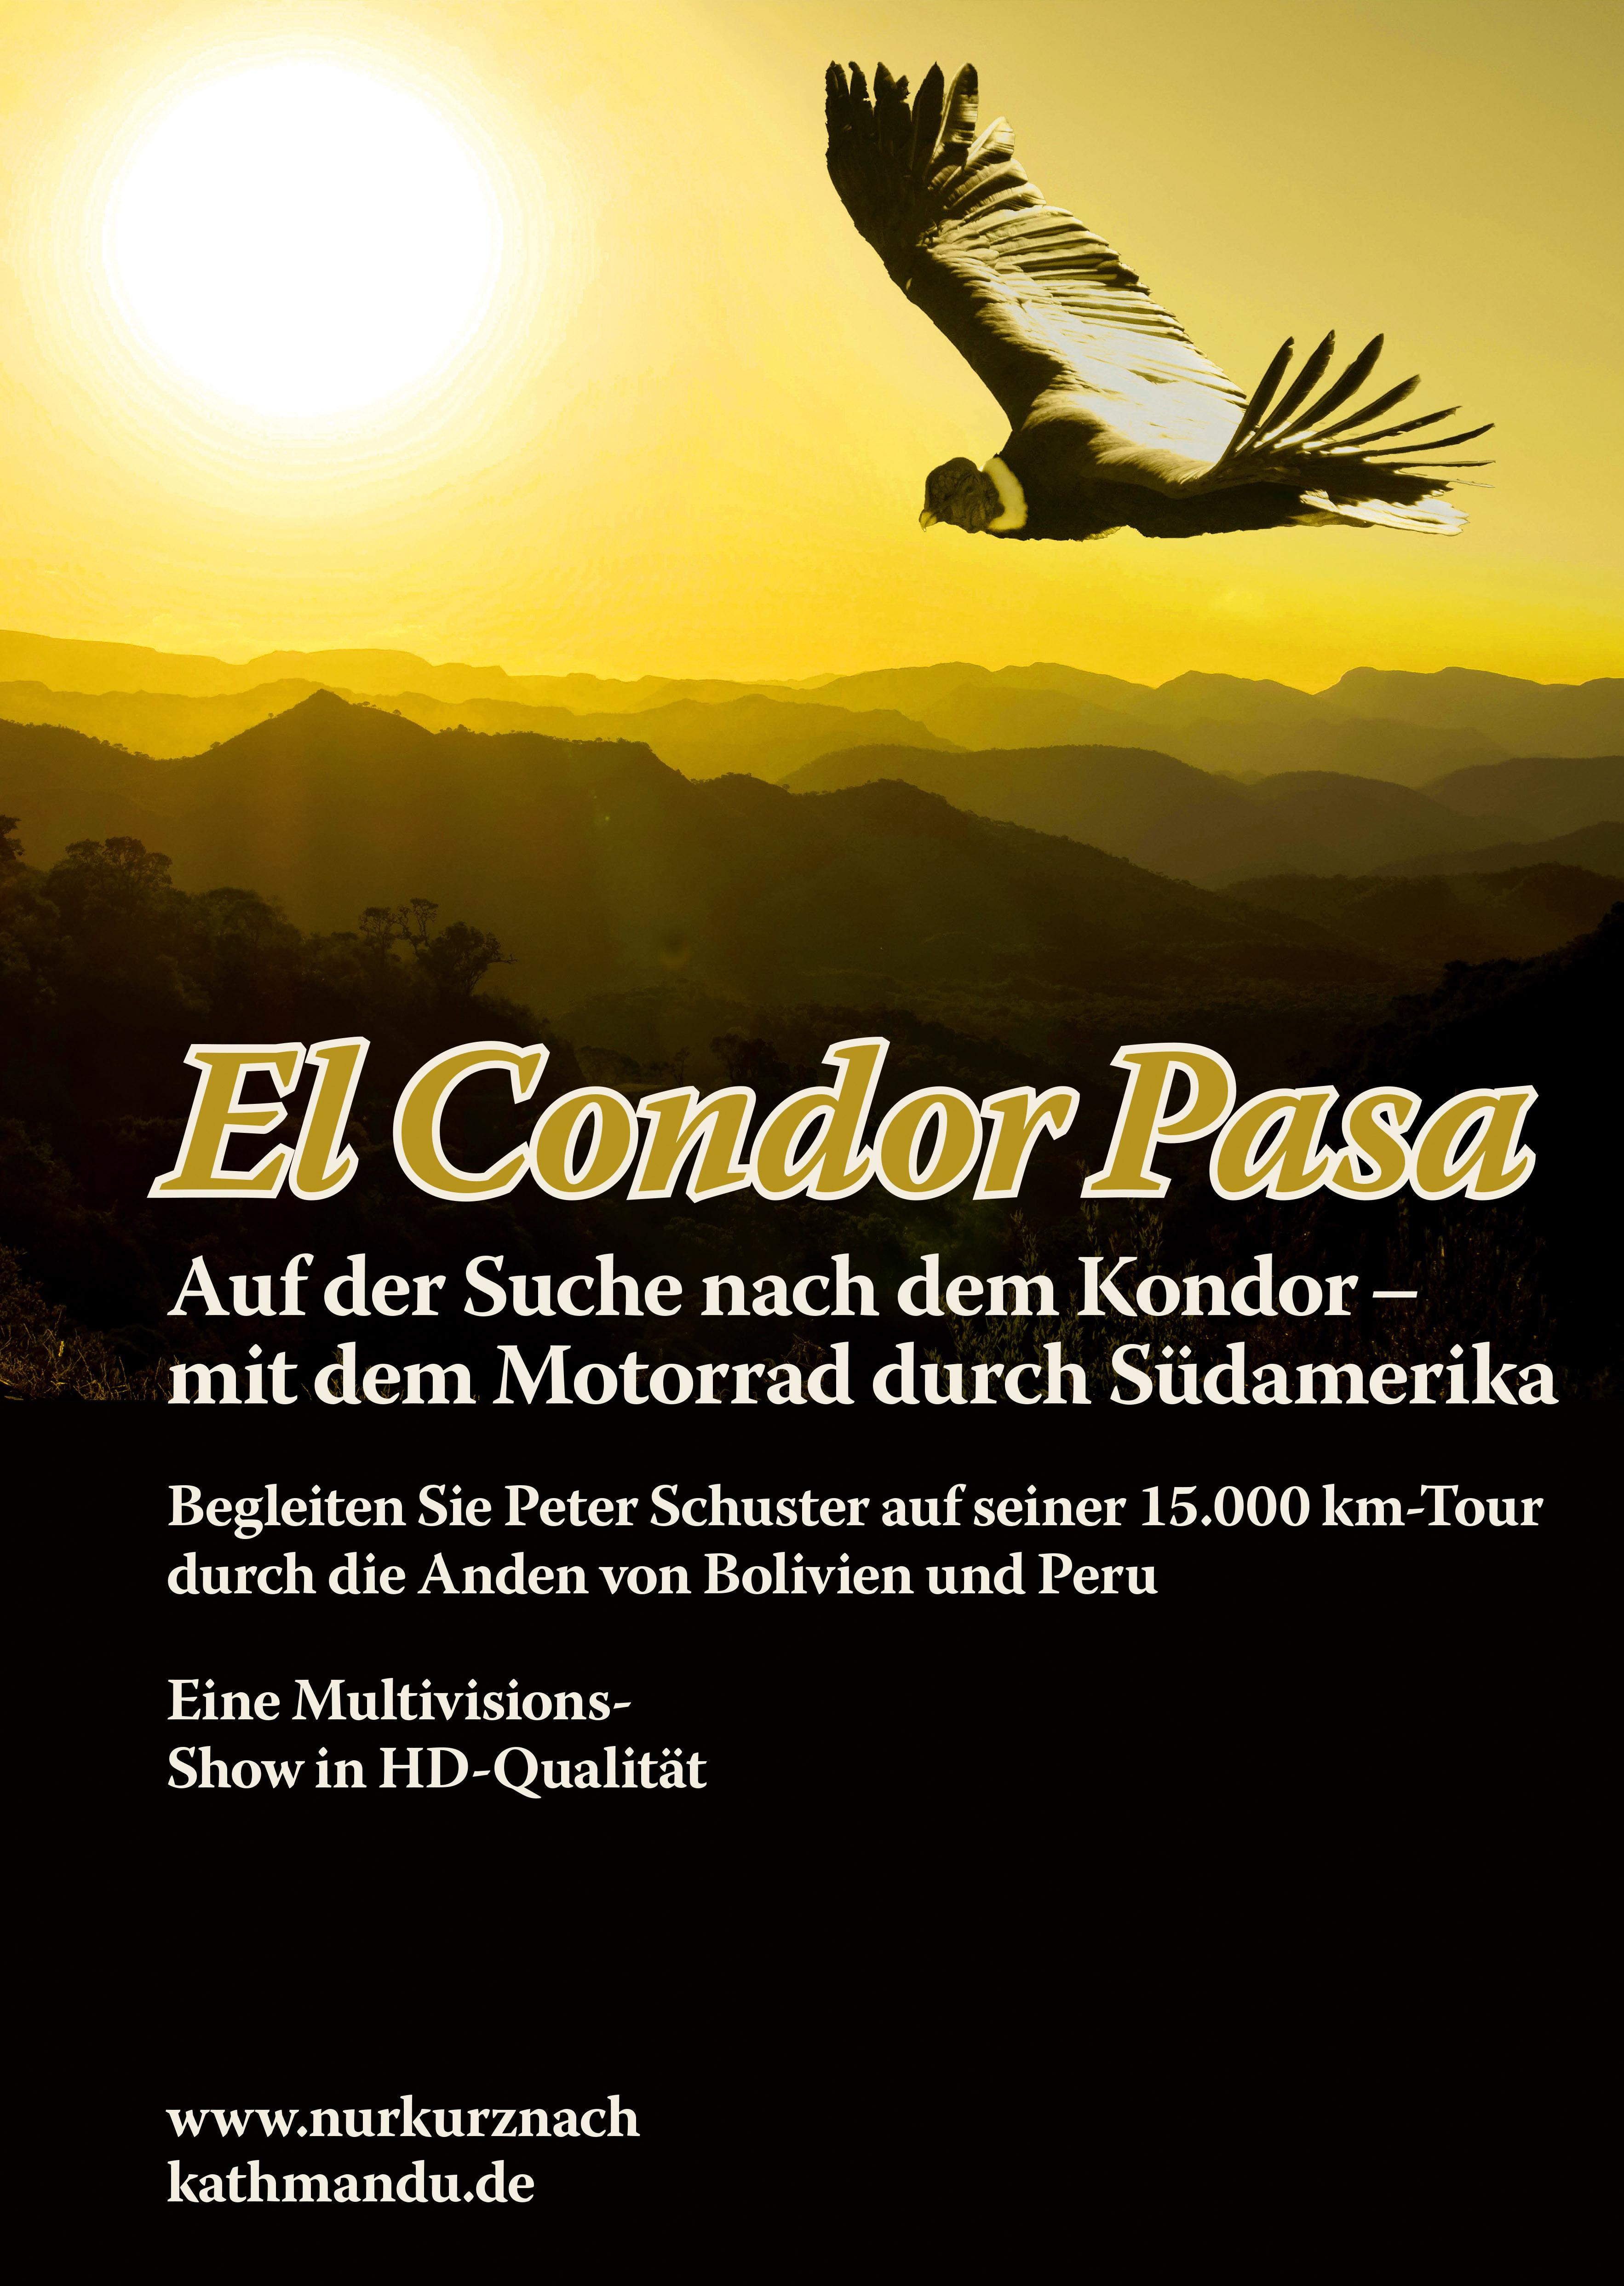 Plakat A3 El Condor Pasa.indd